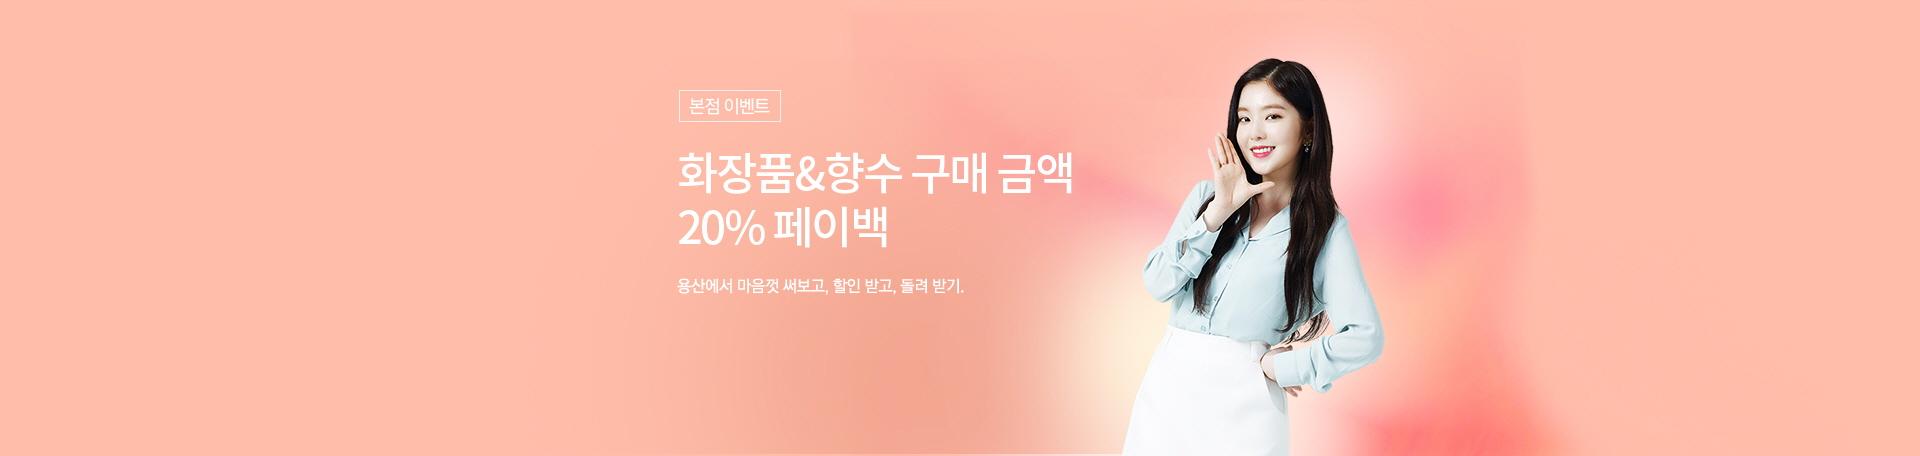 화장품&향수 20% 페이백